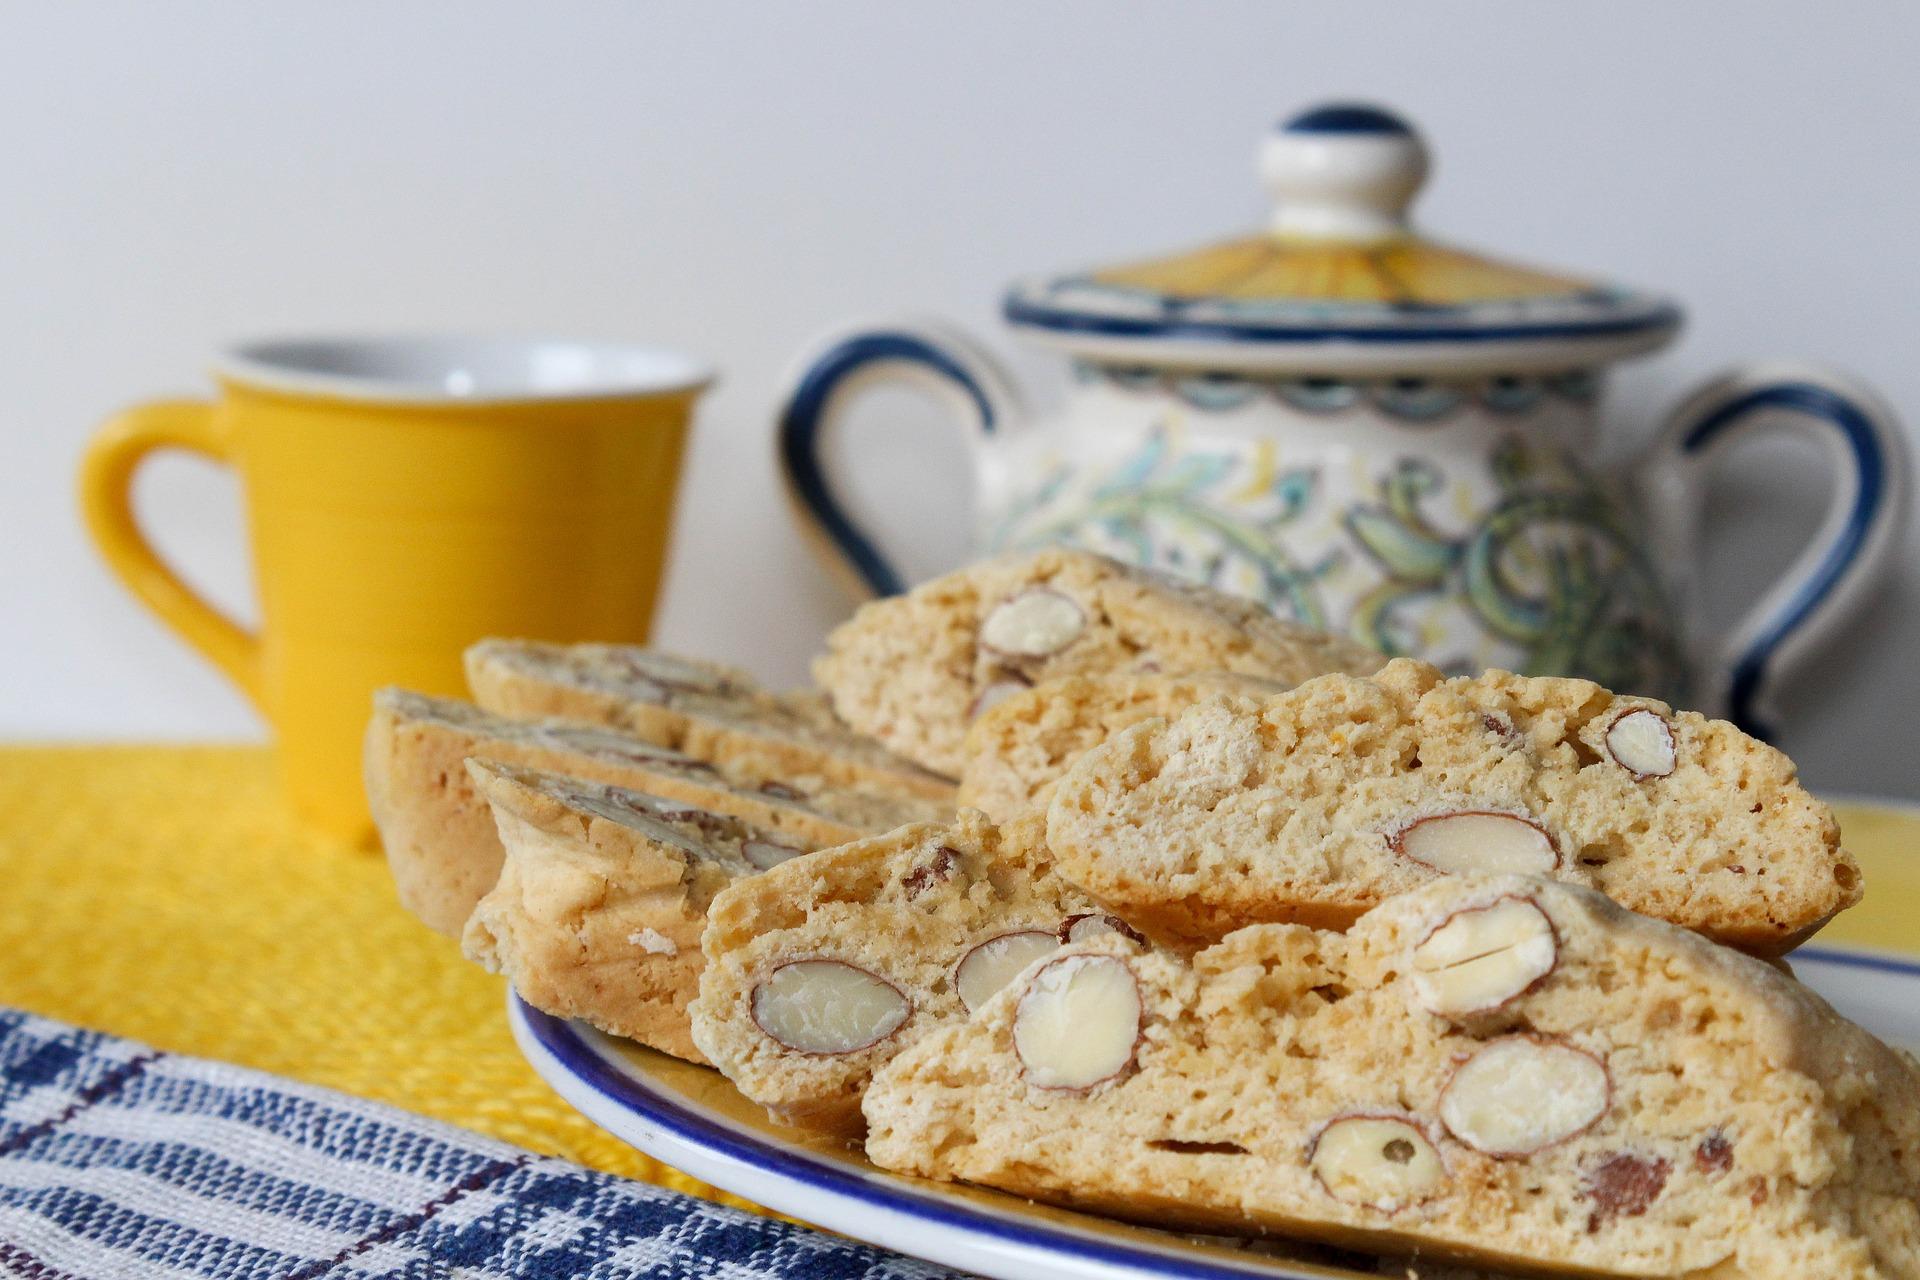 Baking Class: Italian Cantucci Biscotti Class